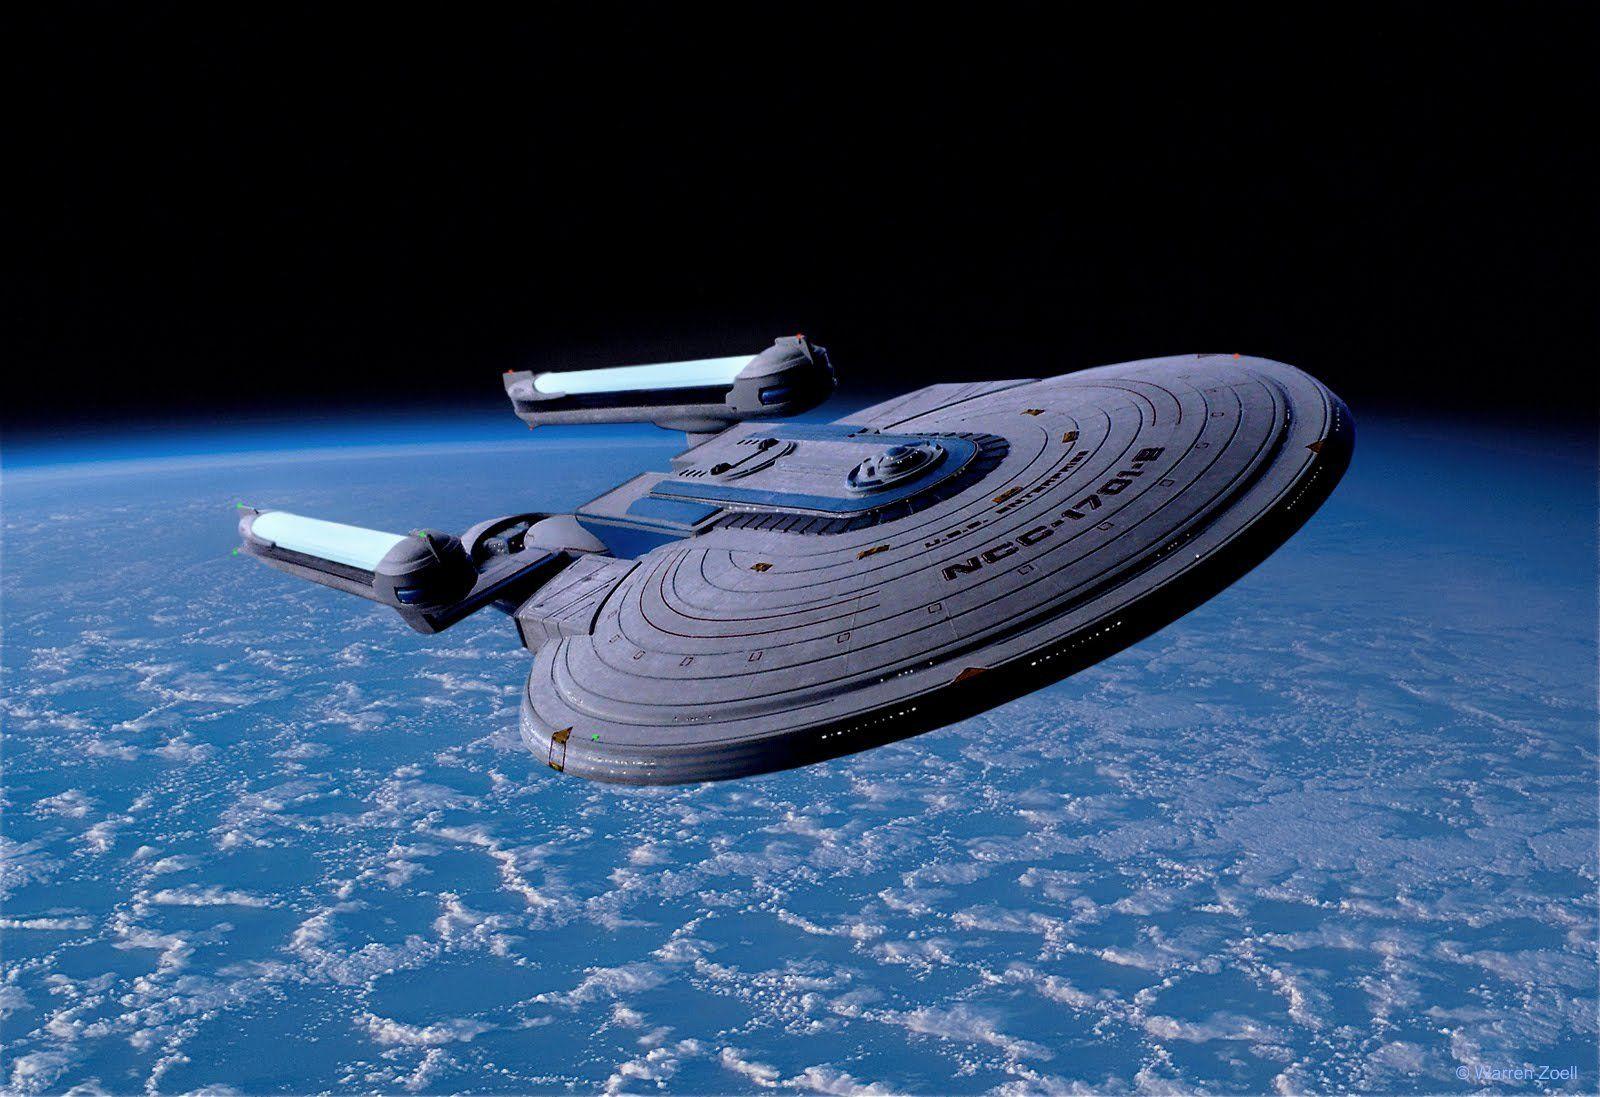 Uss enterprise ncc 1701 d galaxy class saucer separation r flickr - The Excelsior Class Enterprise Ncc 1701 B